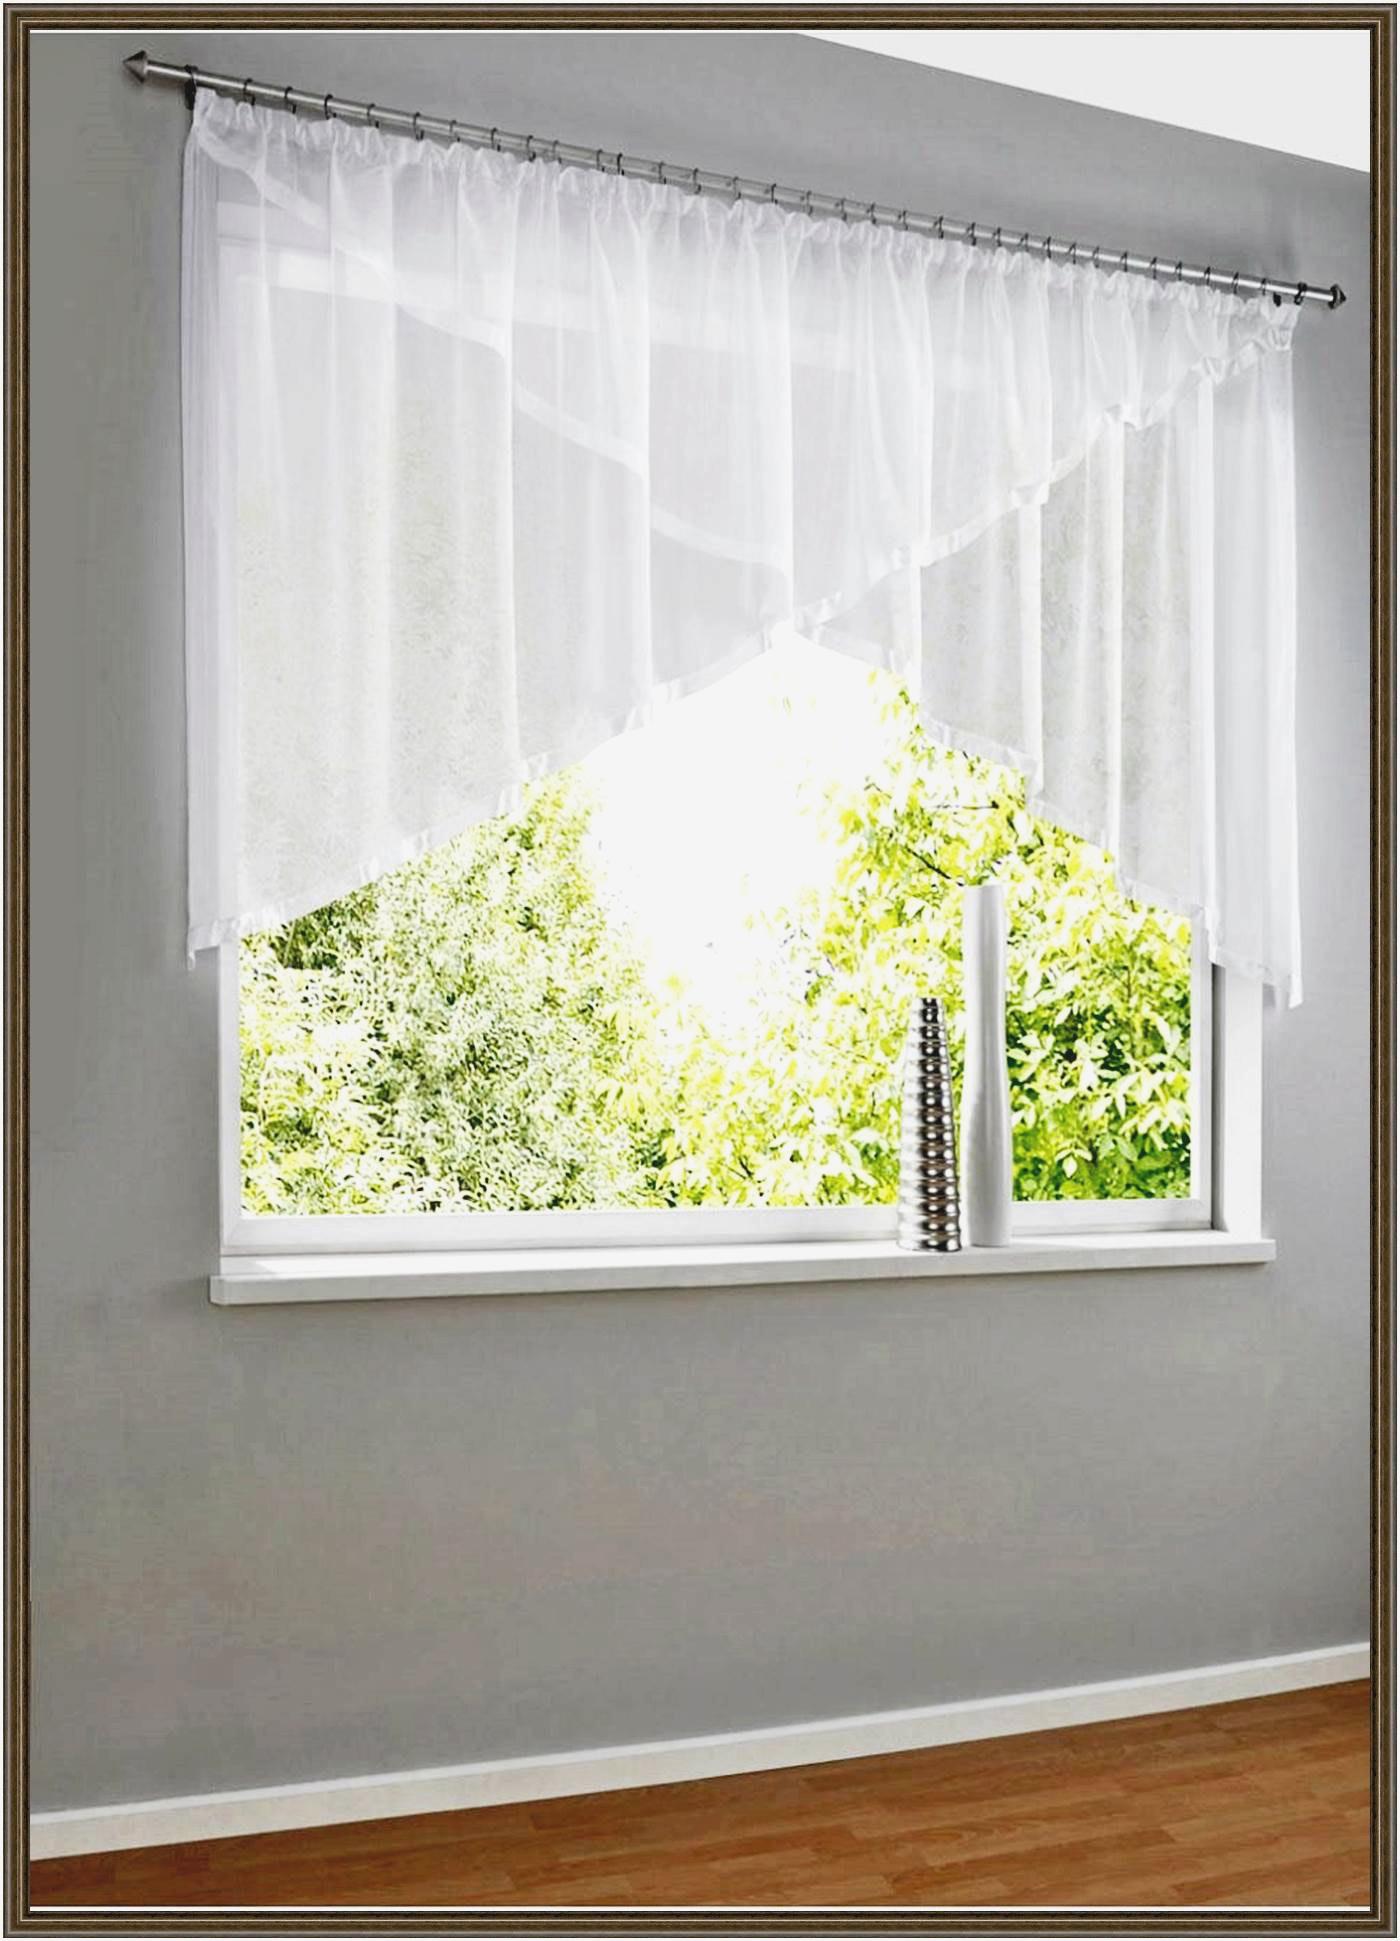 Full Size of Gardinen Fenster Alternativen Kinderzimmer Jalousie Innen Weihnachtsbeleuchtung Neue Einbauen Kunststoff Fliegengitter Maßanfertigung Beleuchtung Mit Wohnzimmer Gardinen Fenster